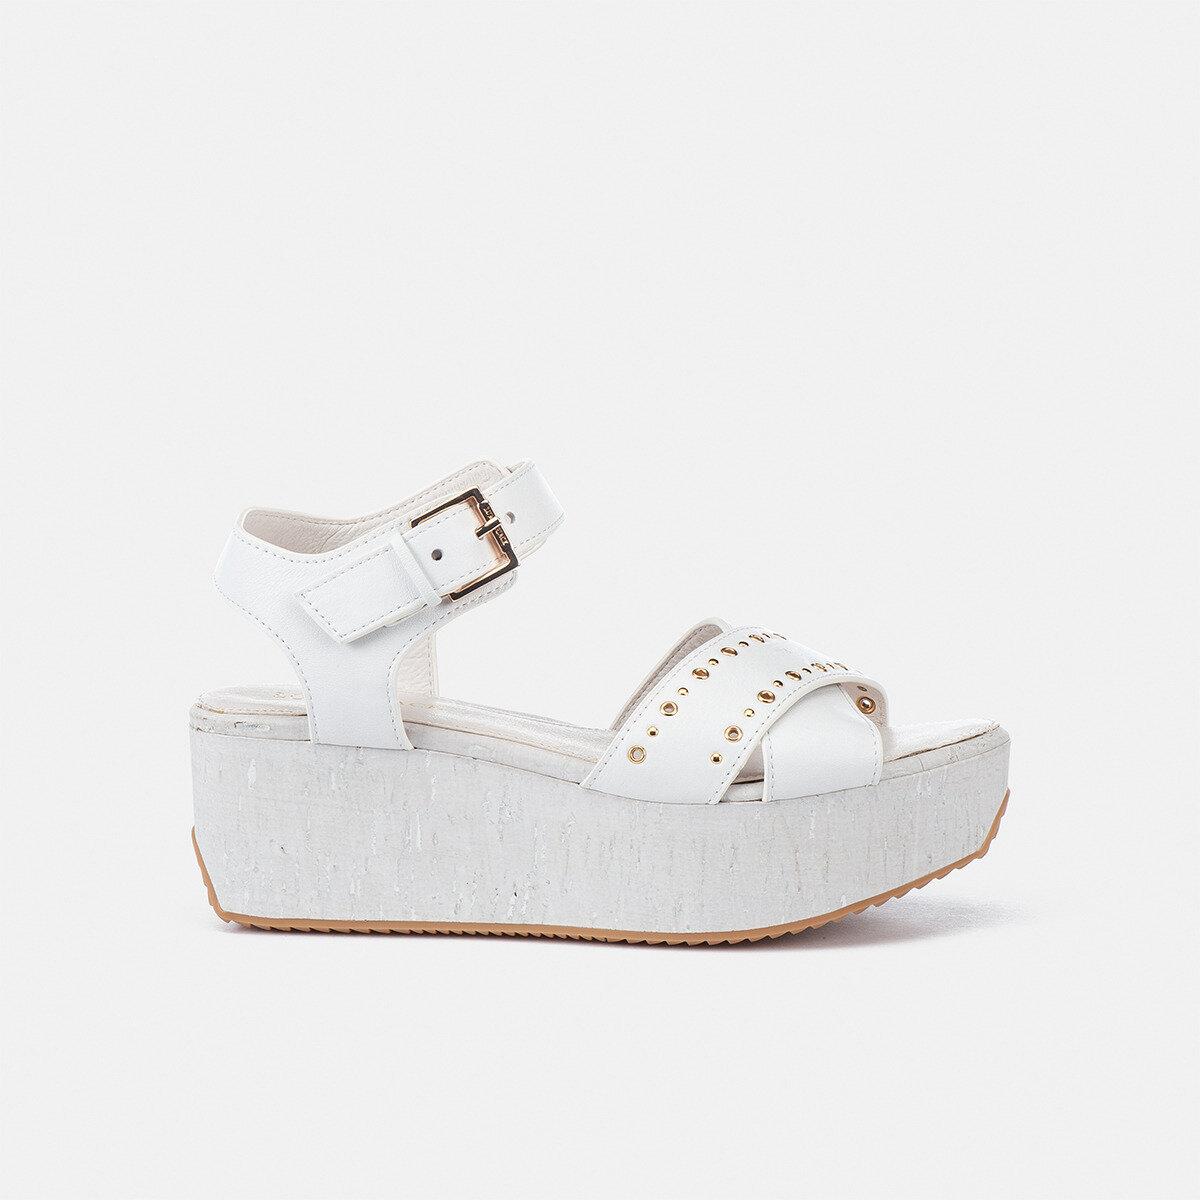 NANCY WHITE Woman Sandals